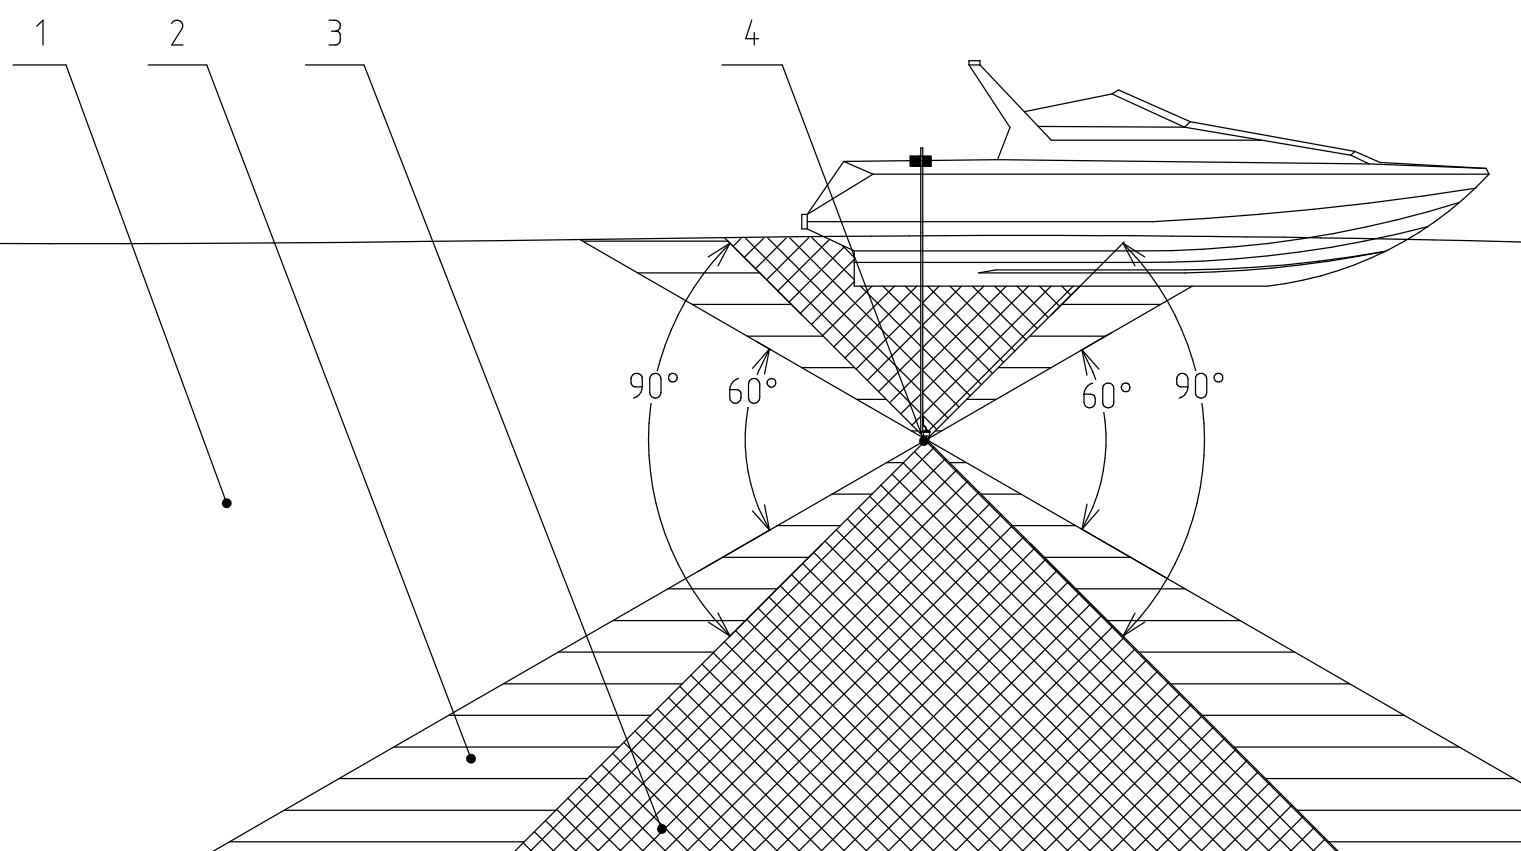 Zima-B angular zones